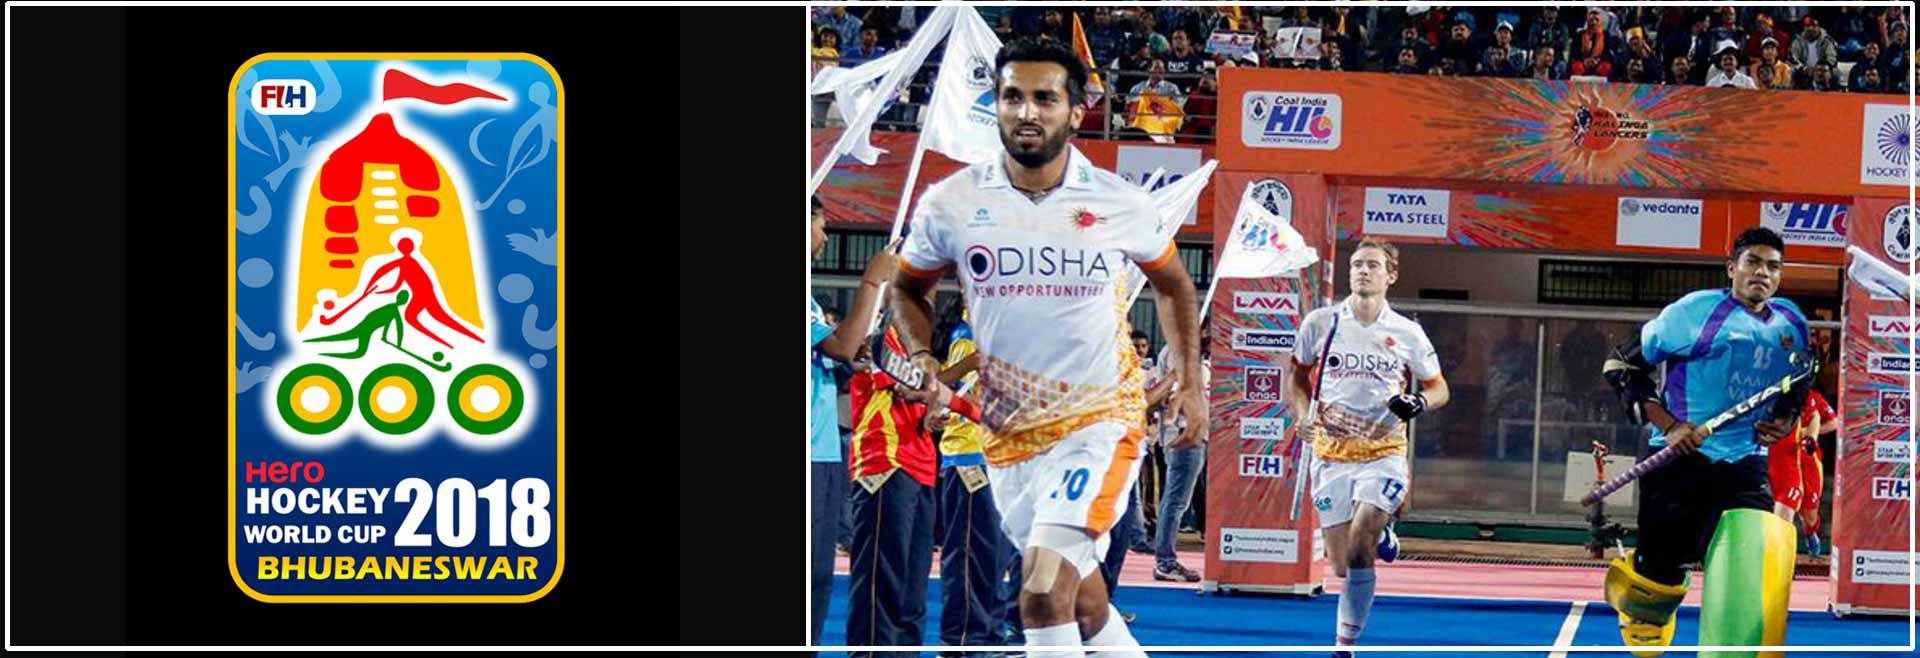 Odisha Hockey Men's World Cup Bhuwaneswar 2018